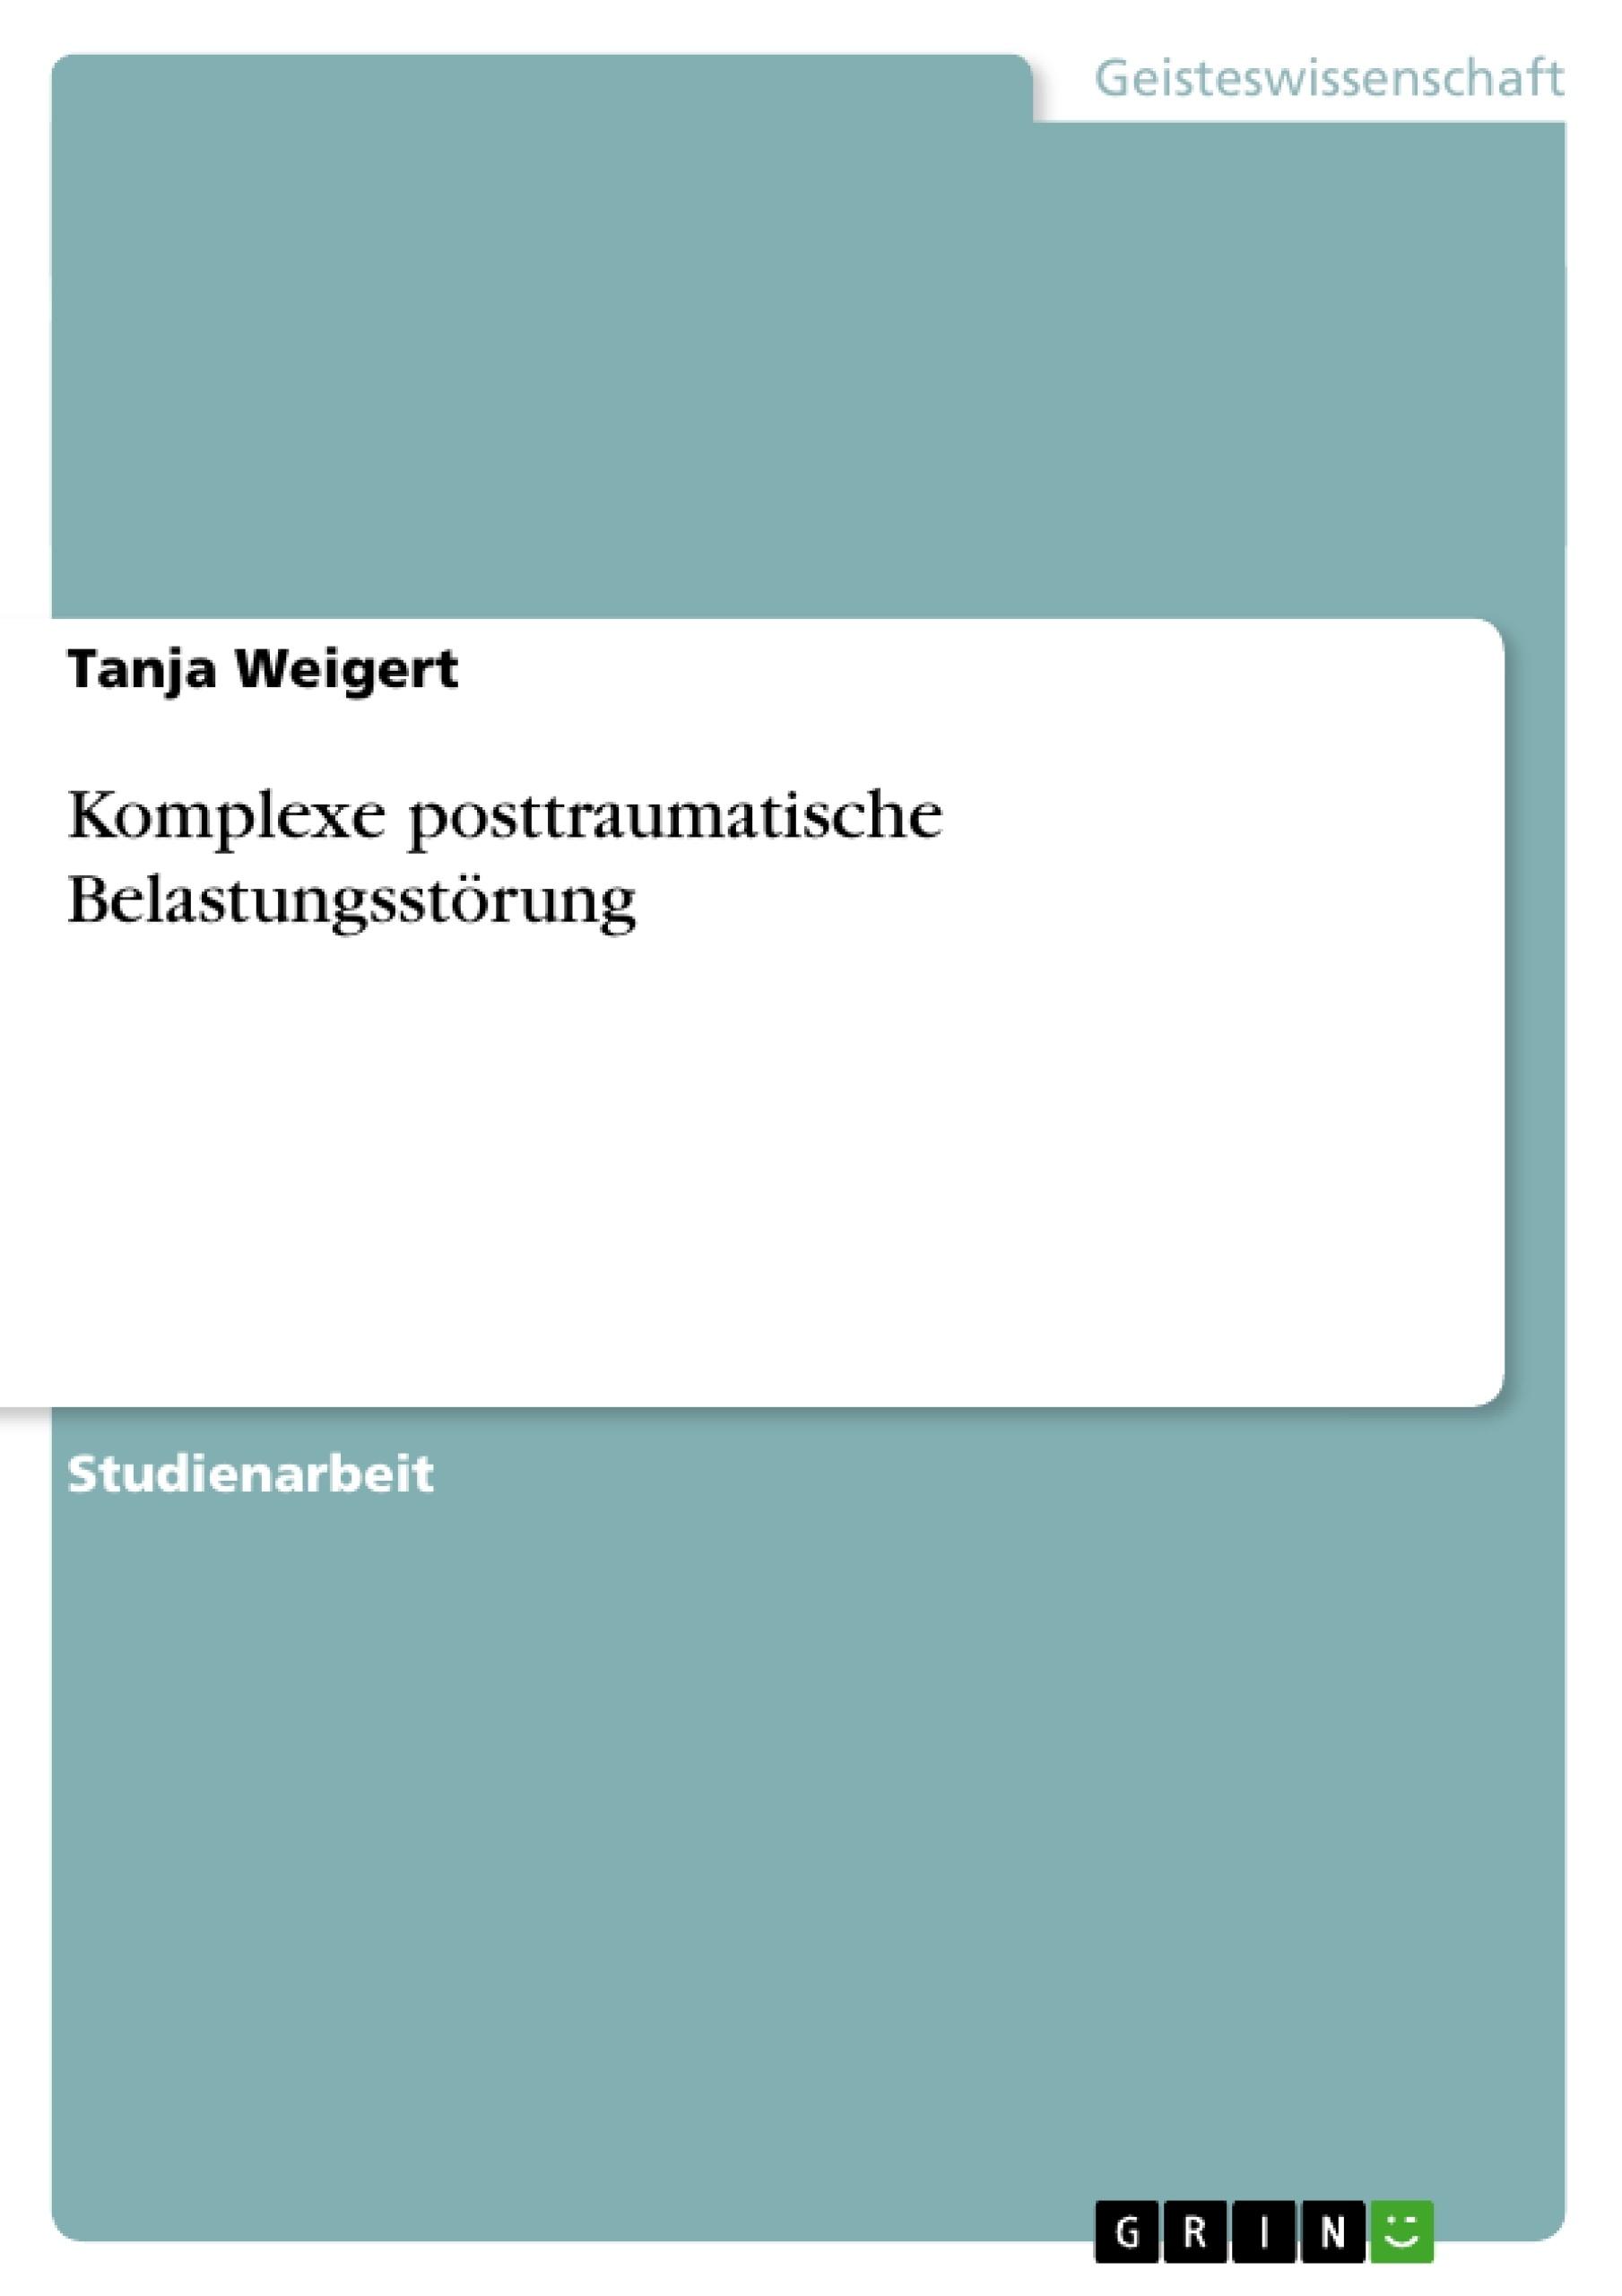 Titel: Komplexe posttraumatische Belastungsstörung